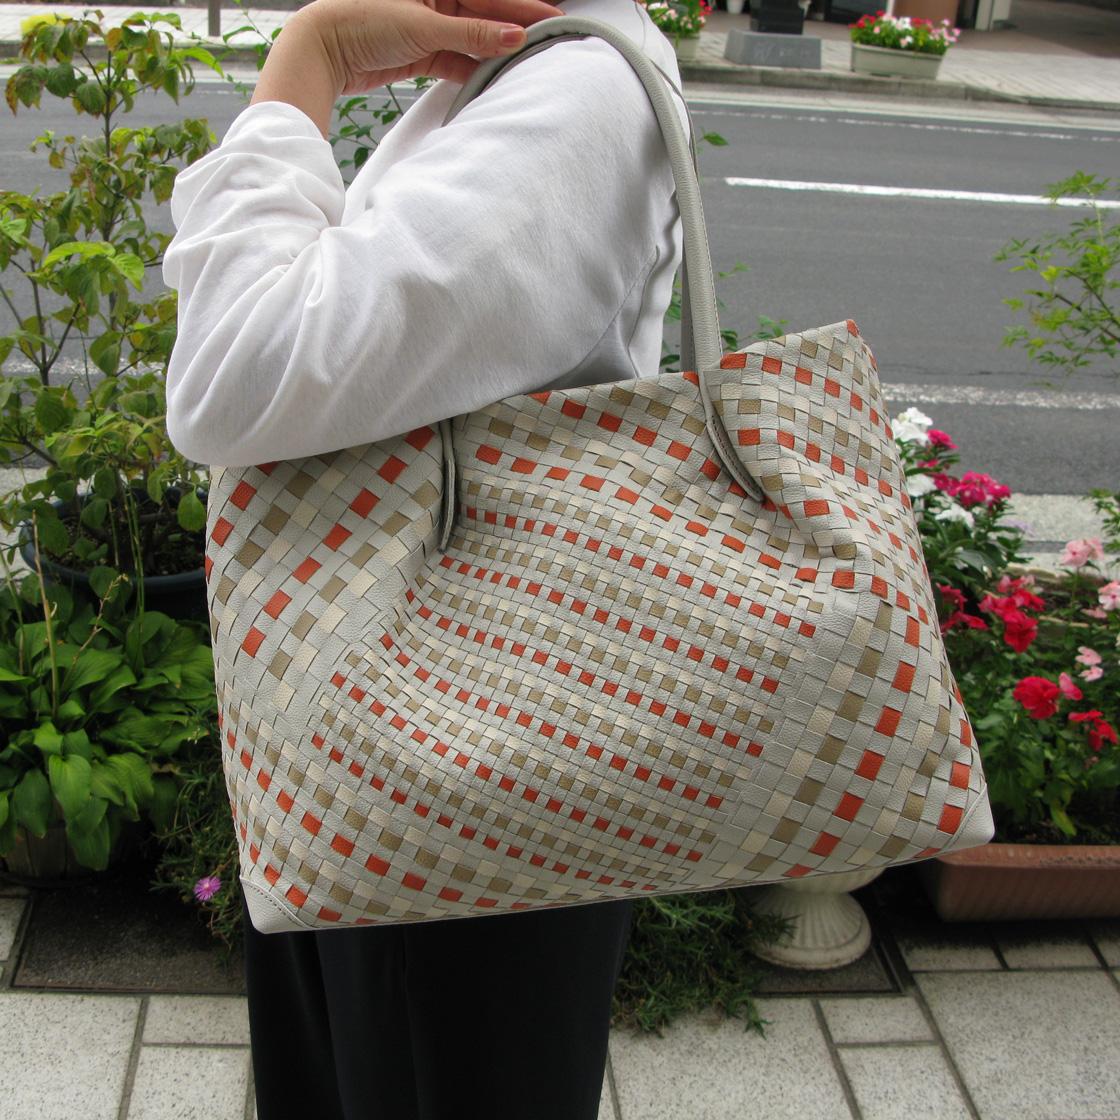 IBIZA(イビサ)Especial【エスペシアール】セミショルダーバッグ